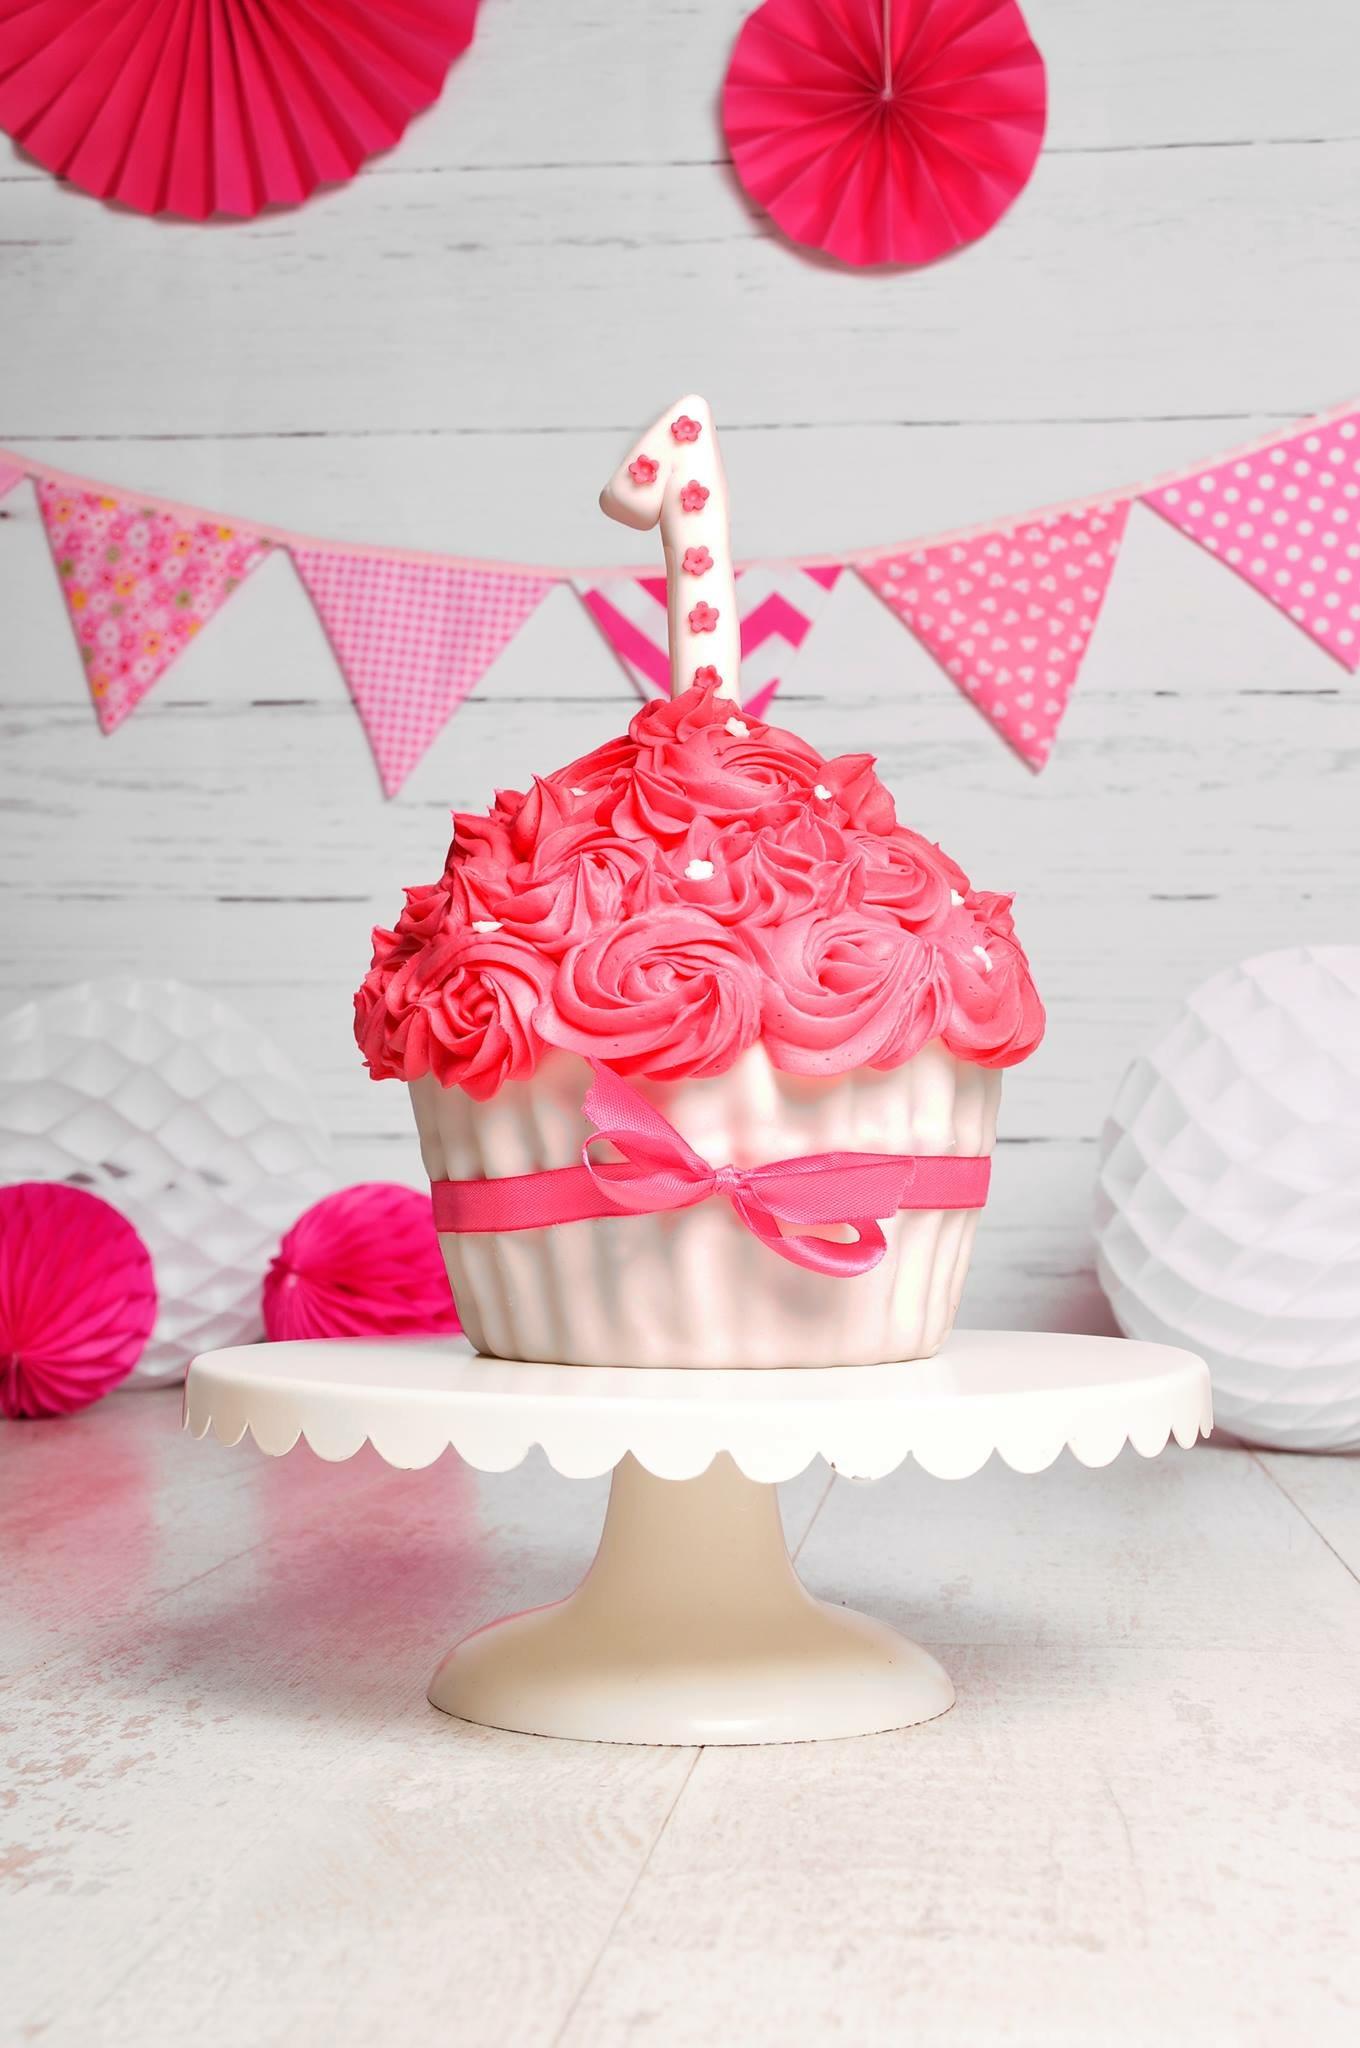 cake smash taart bestellen Smash Cake   Zin in Taart enzo cake smash taart bestellen